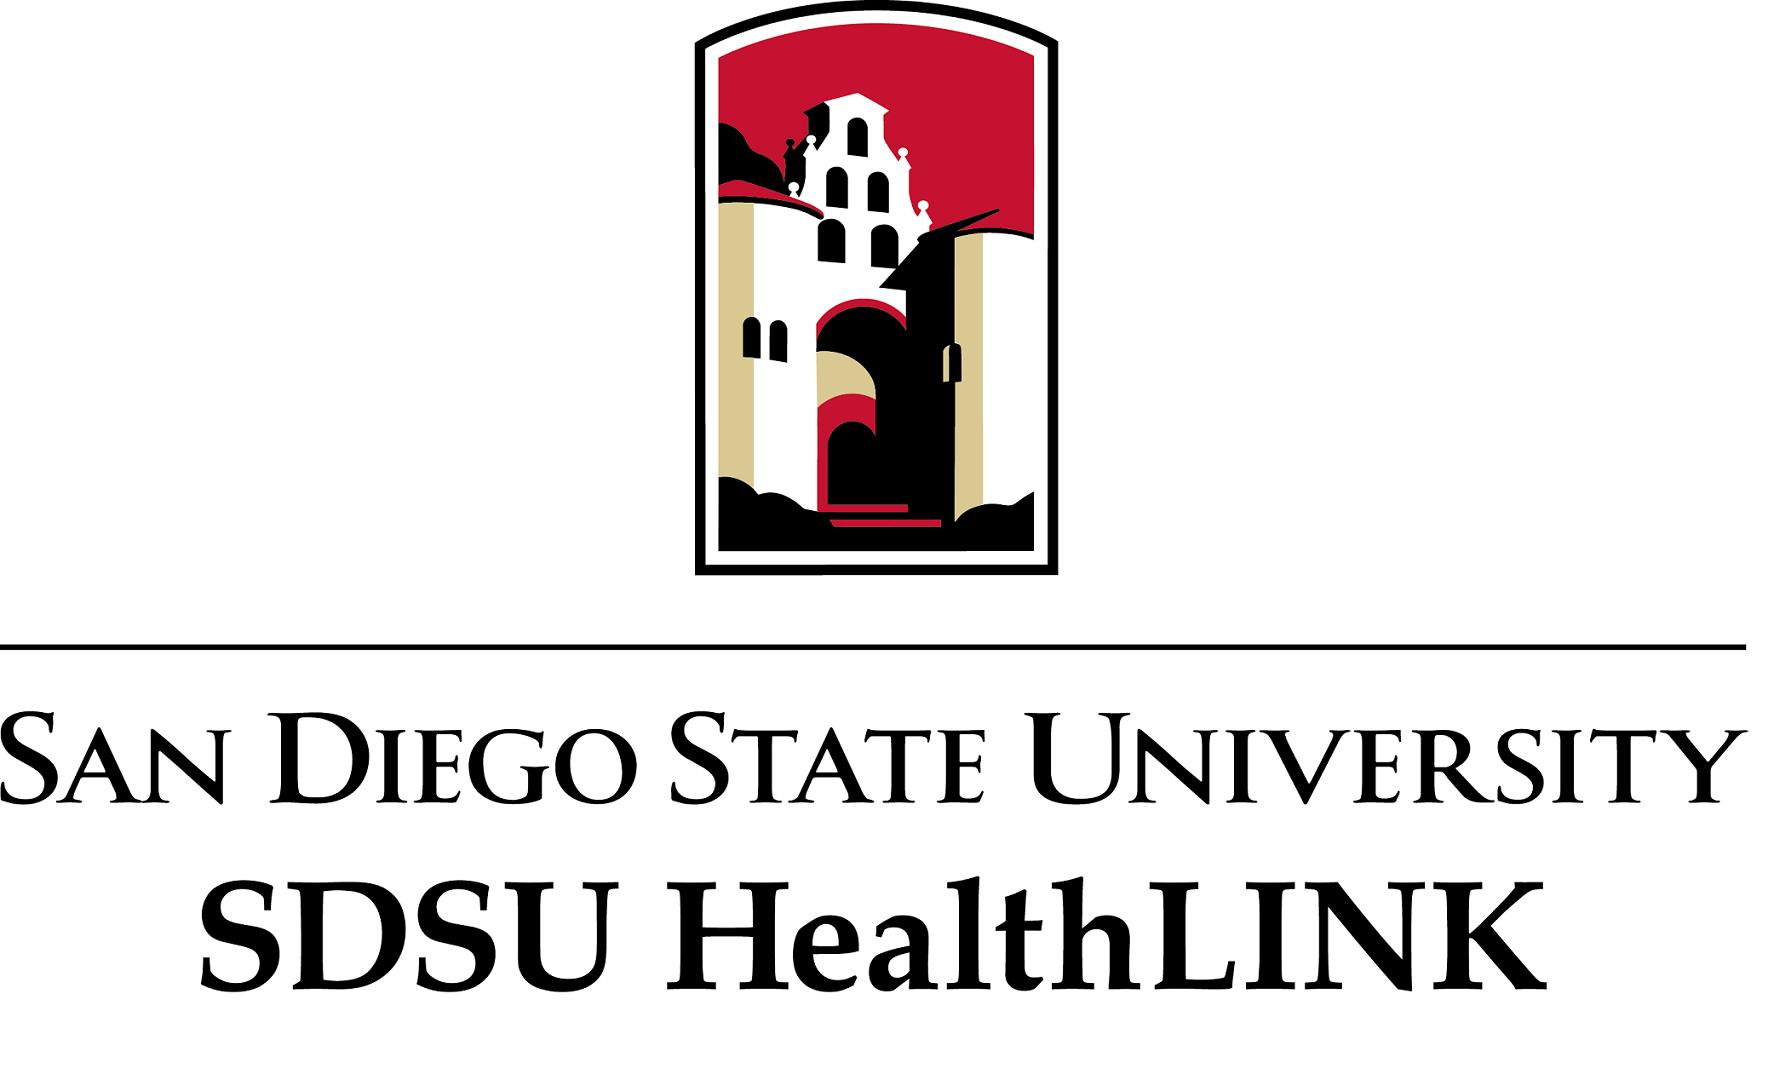 SDSU HealthLINK Logo